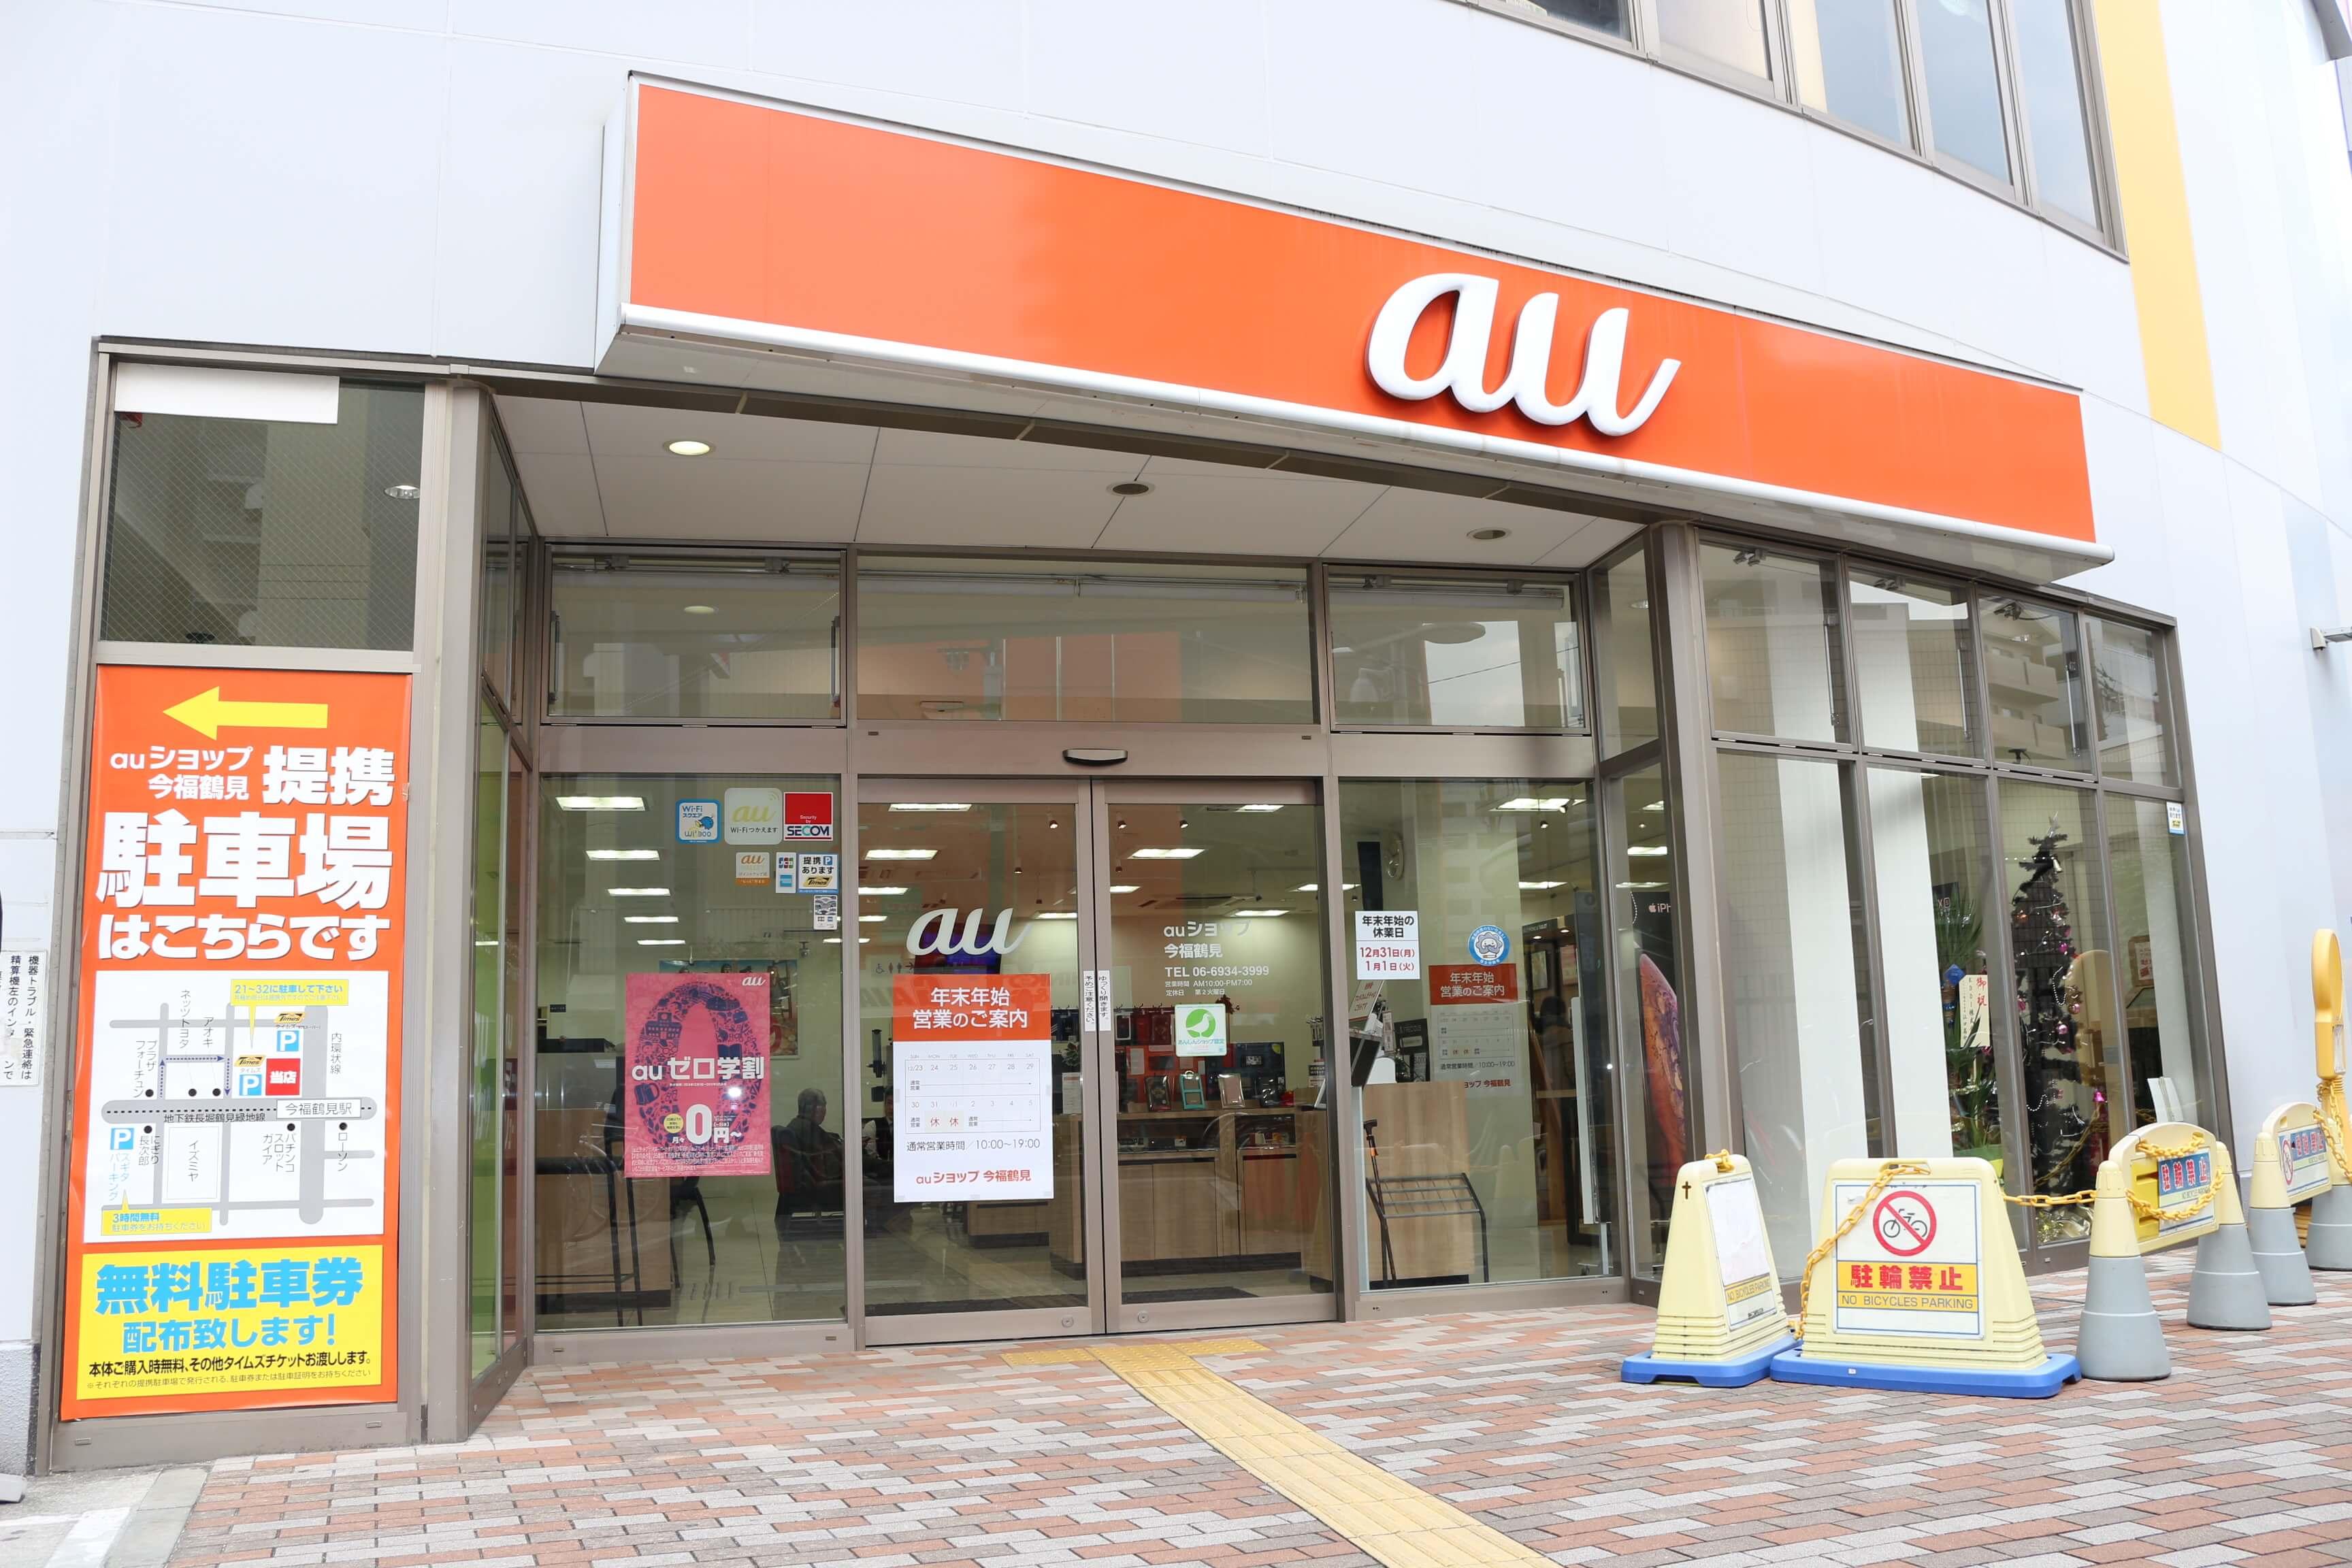 auショップ今福鶴見 1